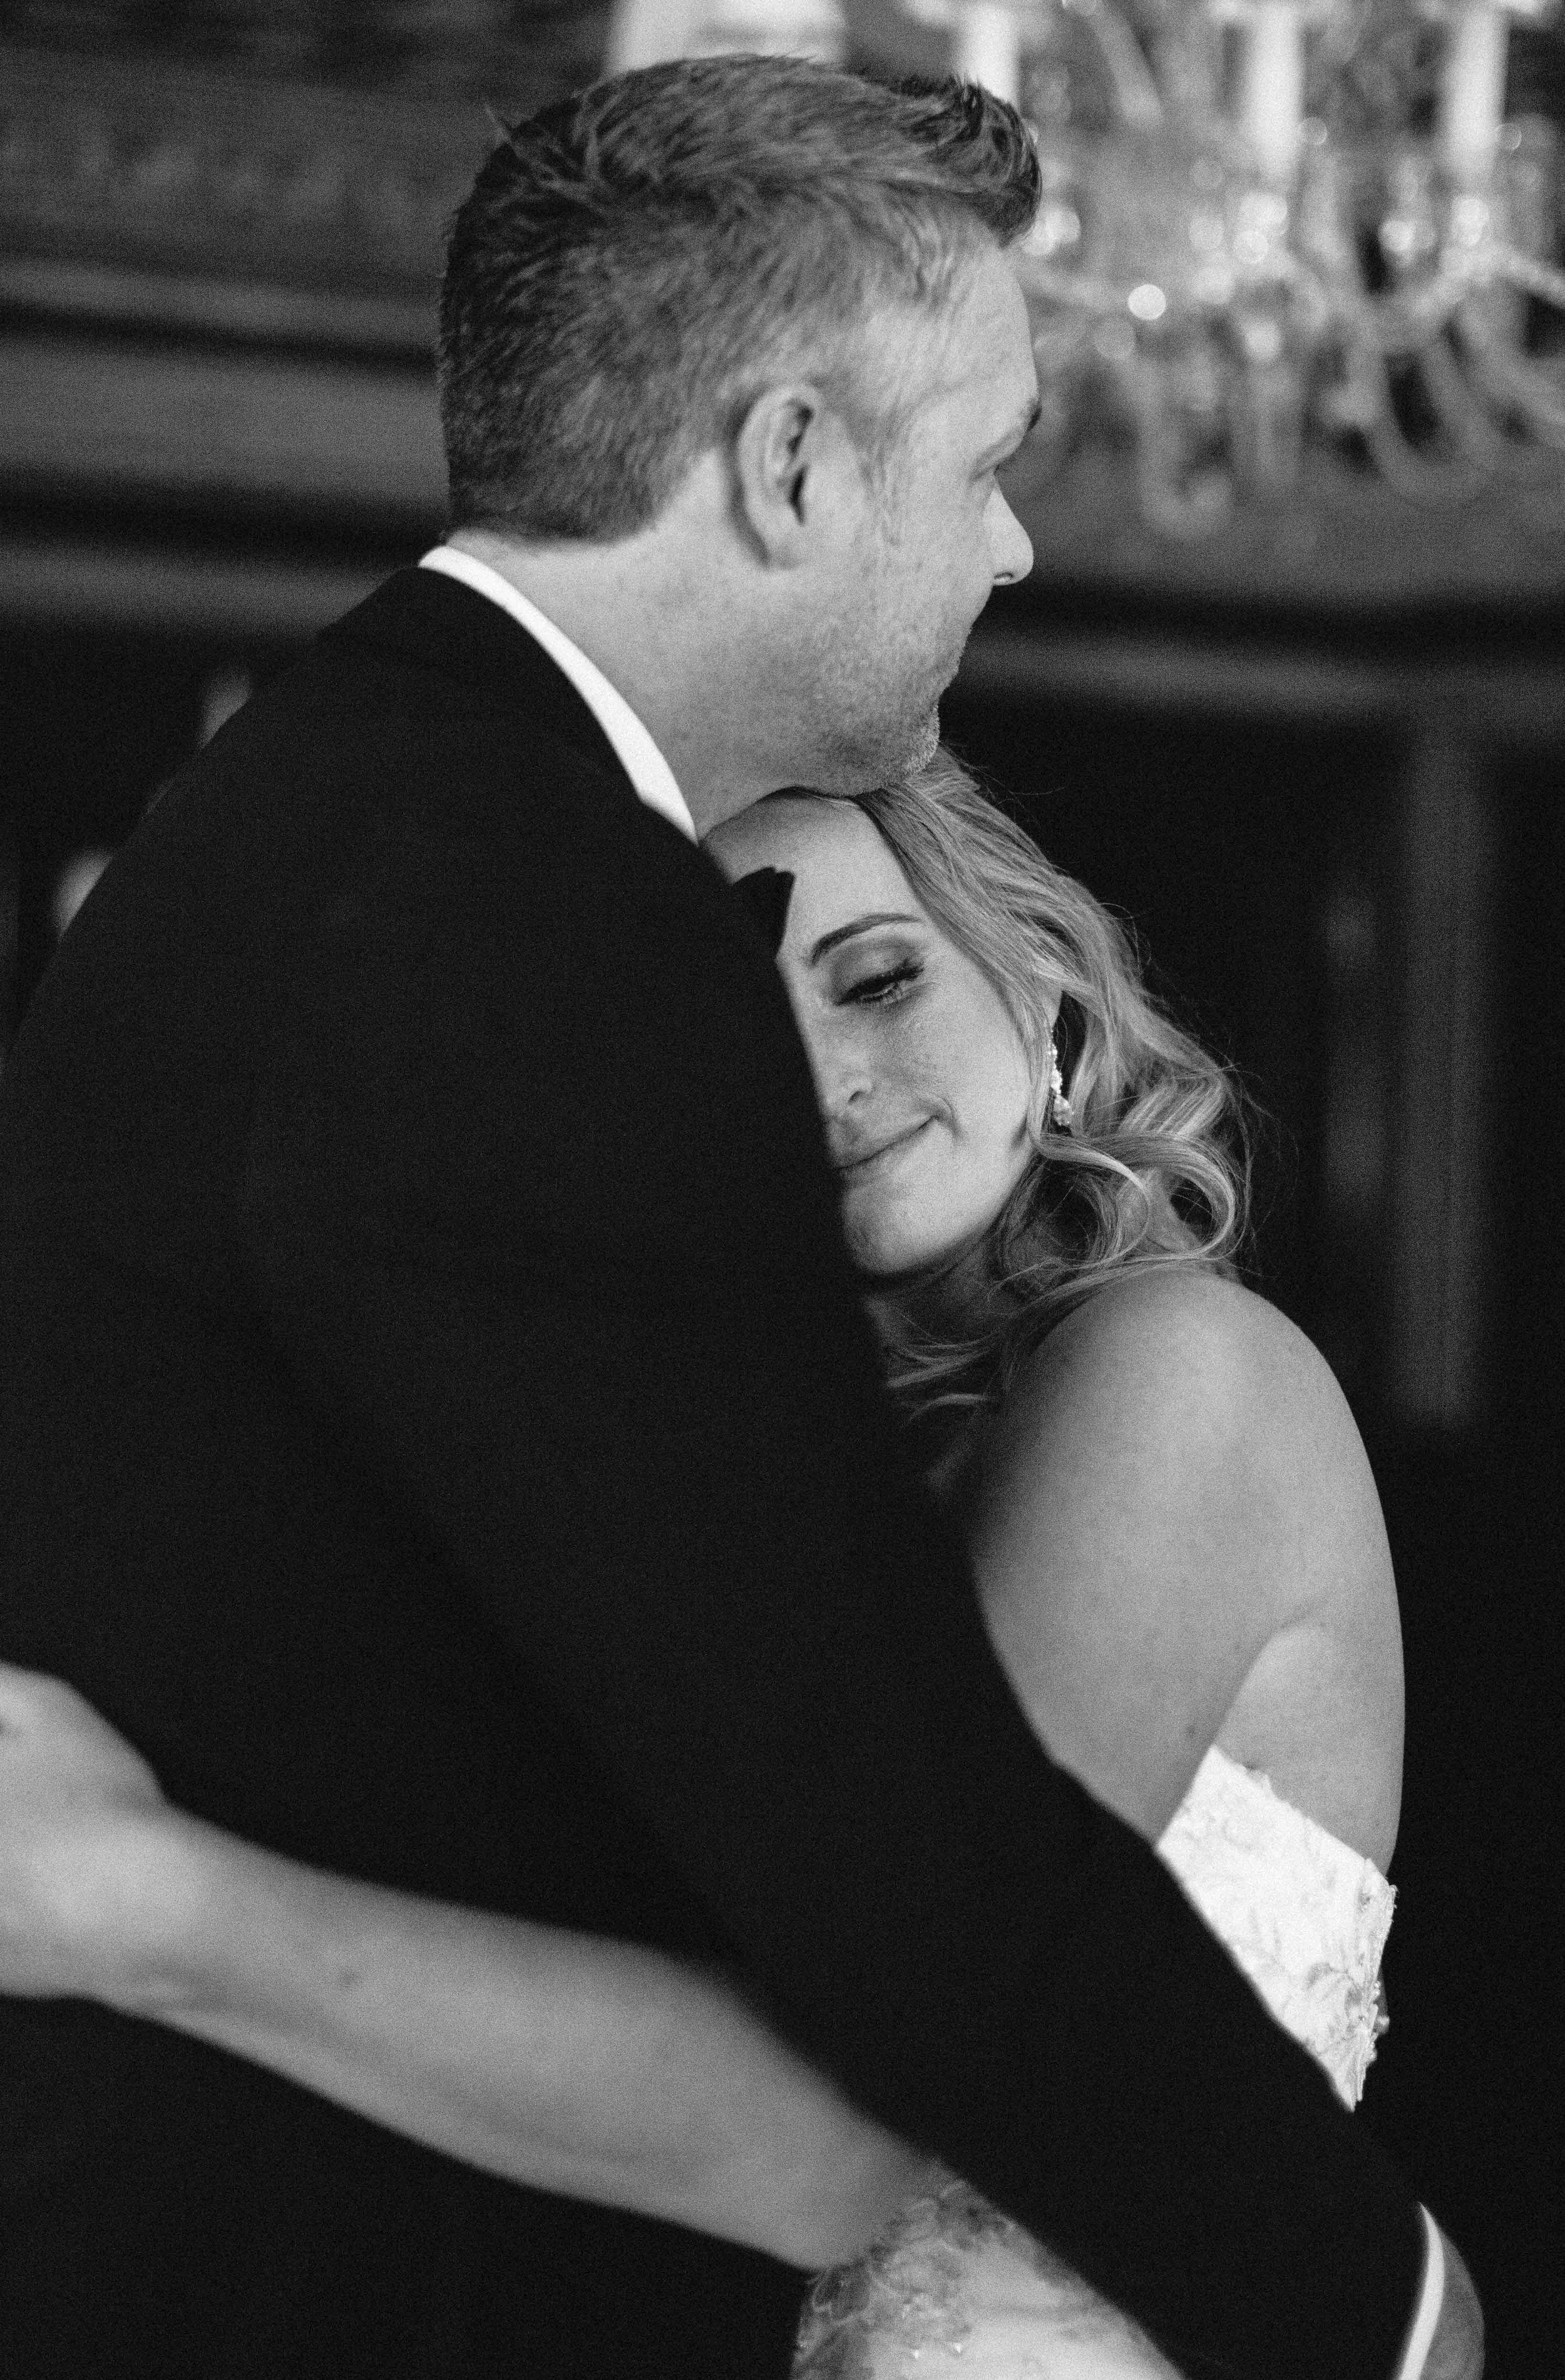 CHRIS_GEORGINA_WEDDING-76.jpg